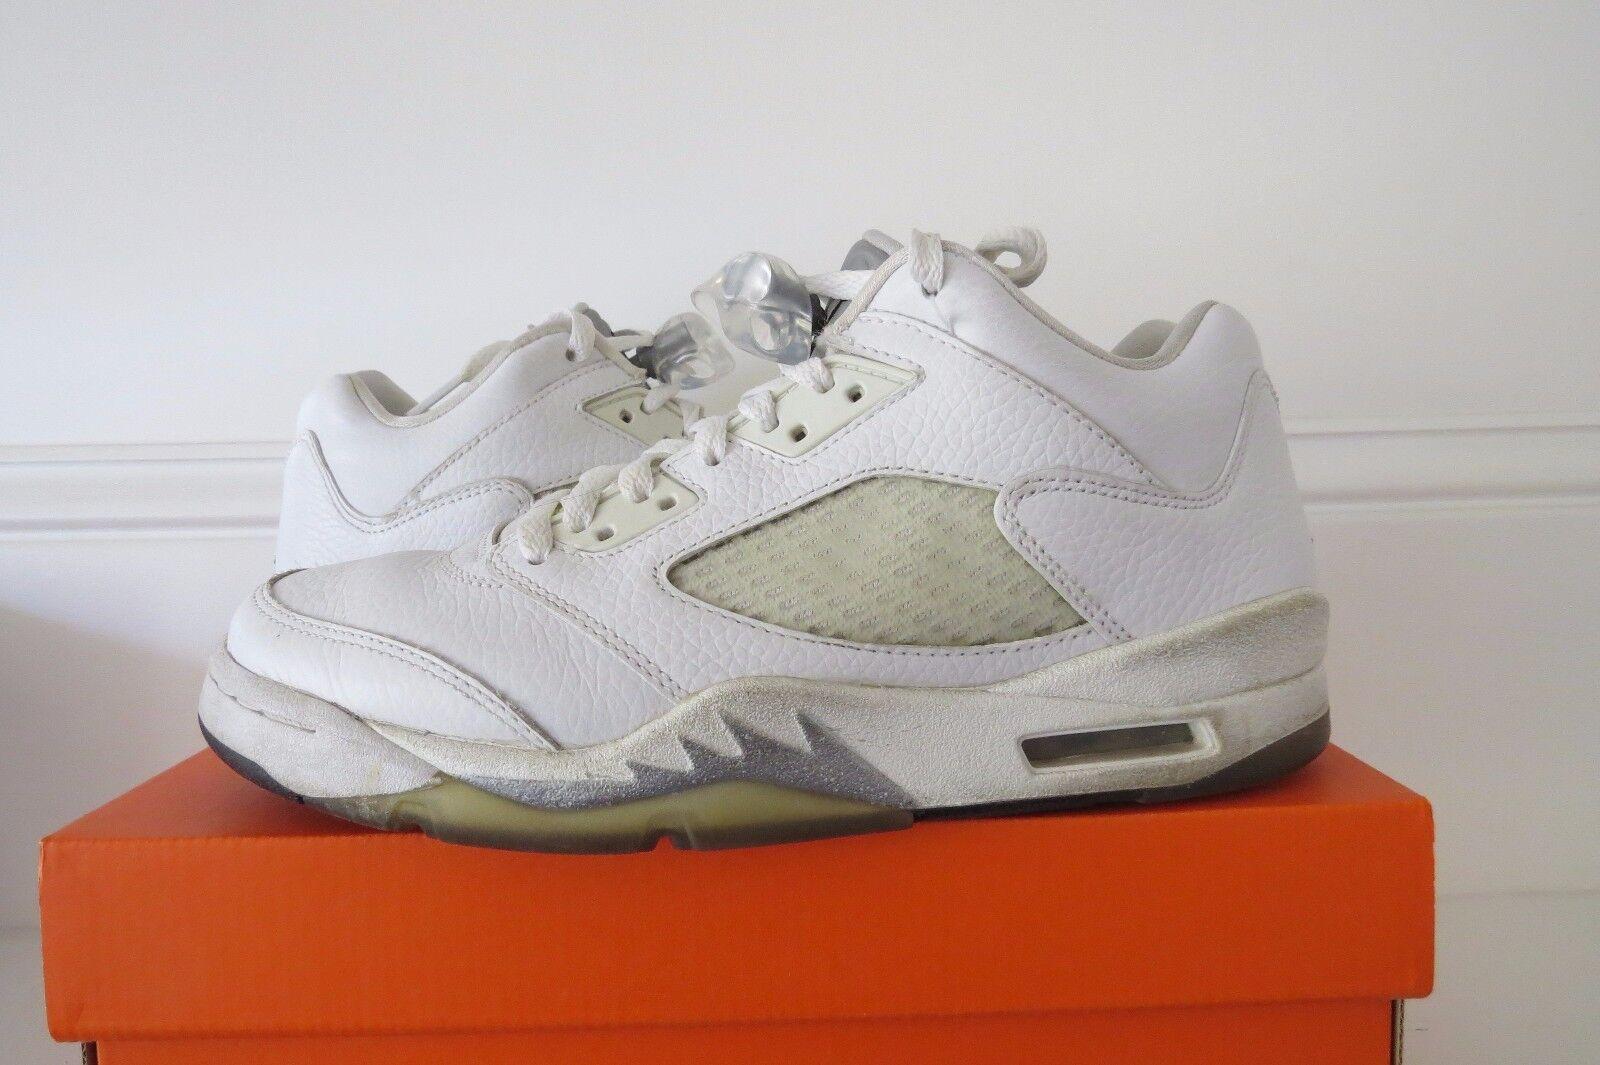 Air Jordan 5 Retro Low Metallic Silver White Sz Sz Sz 8 Womens 6.5 mens  314337 101 df238a